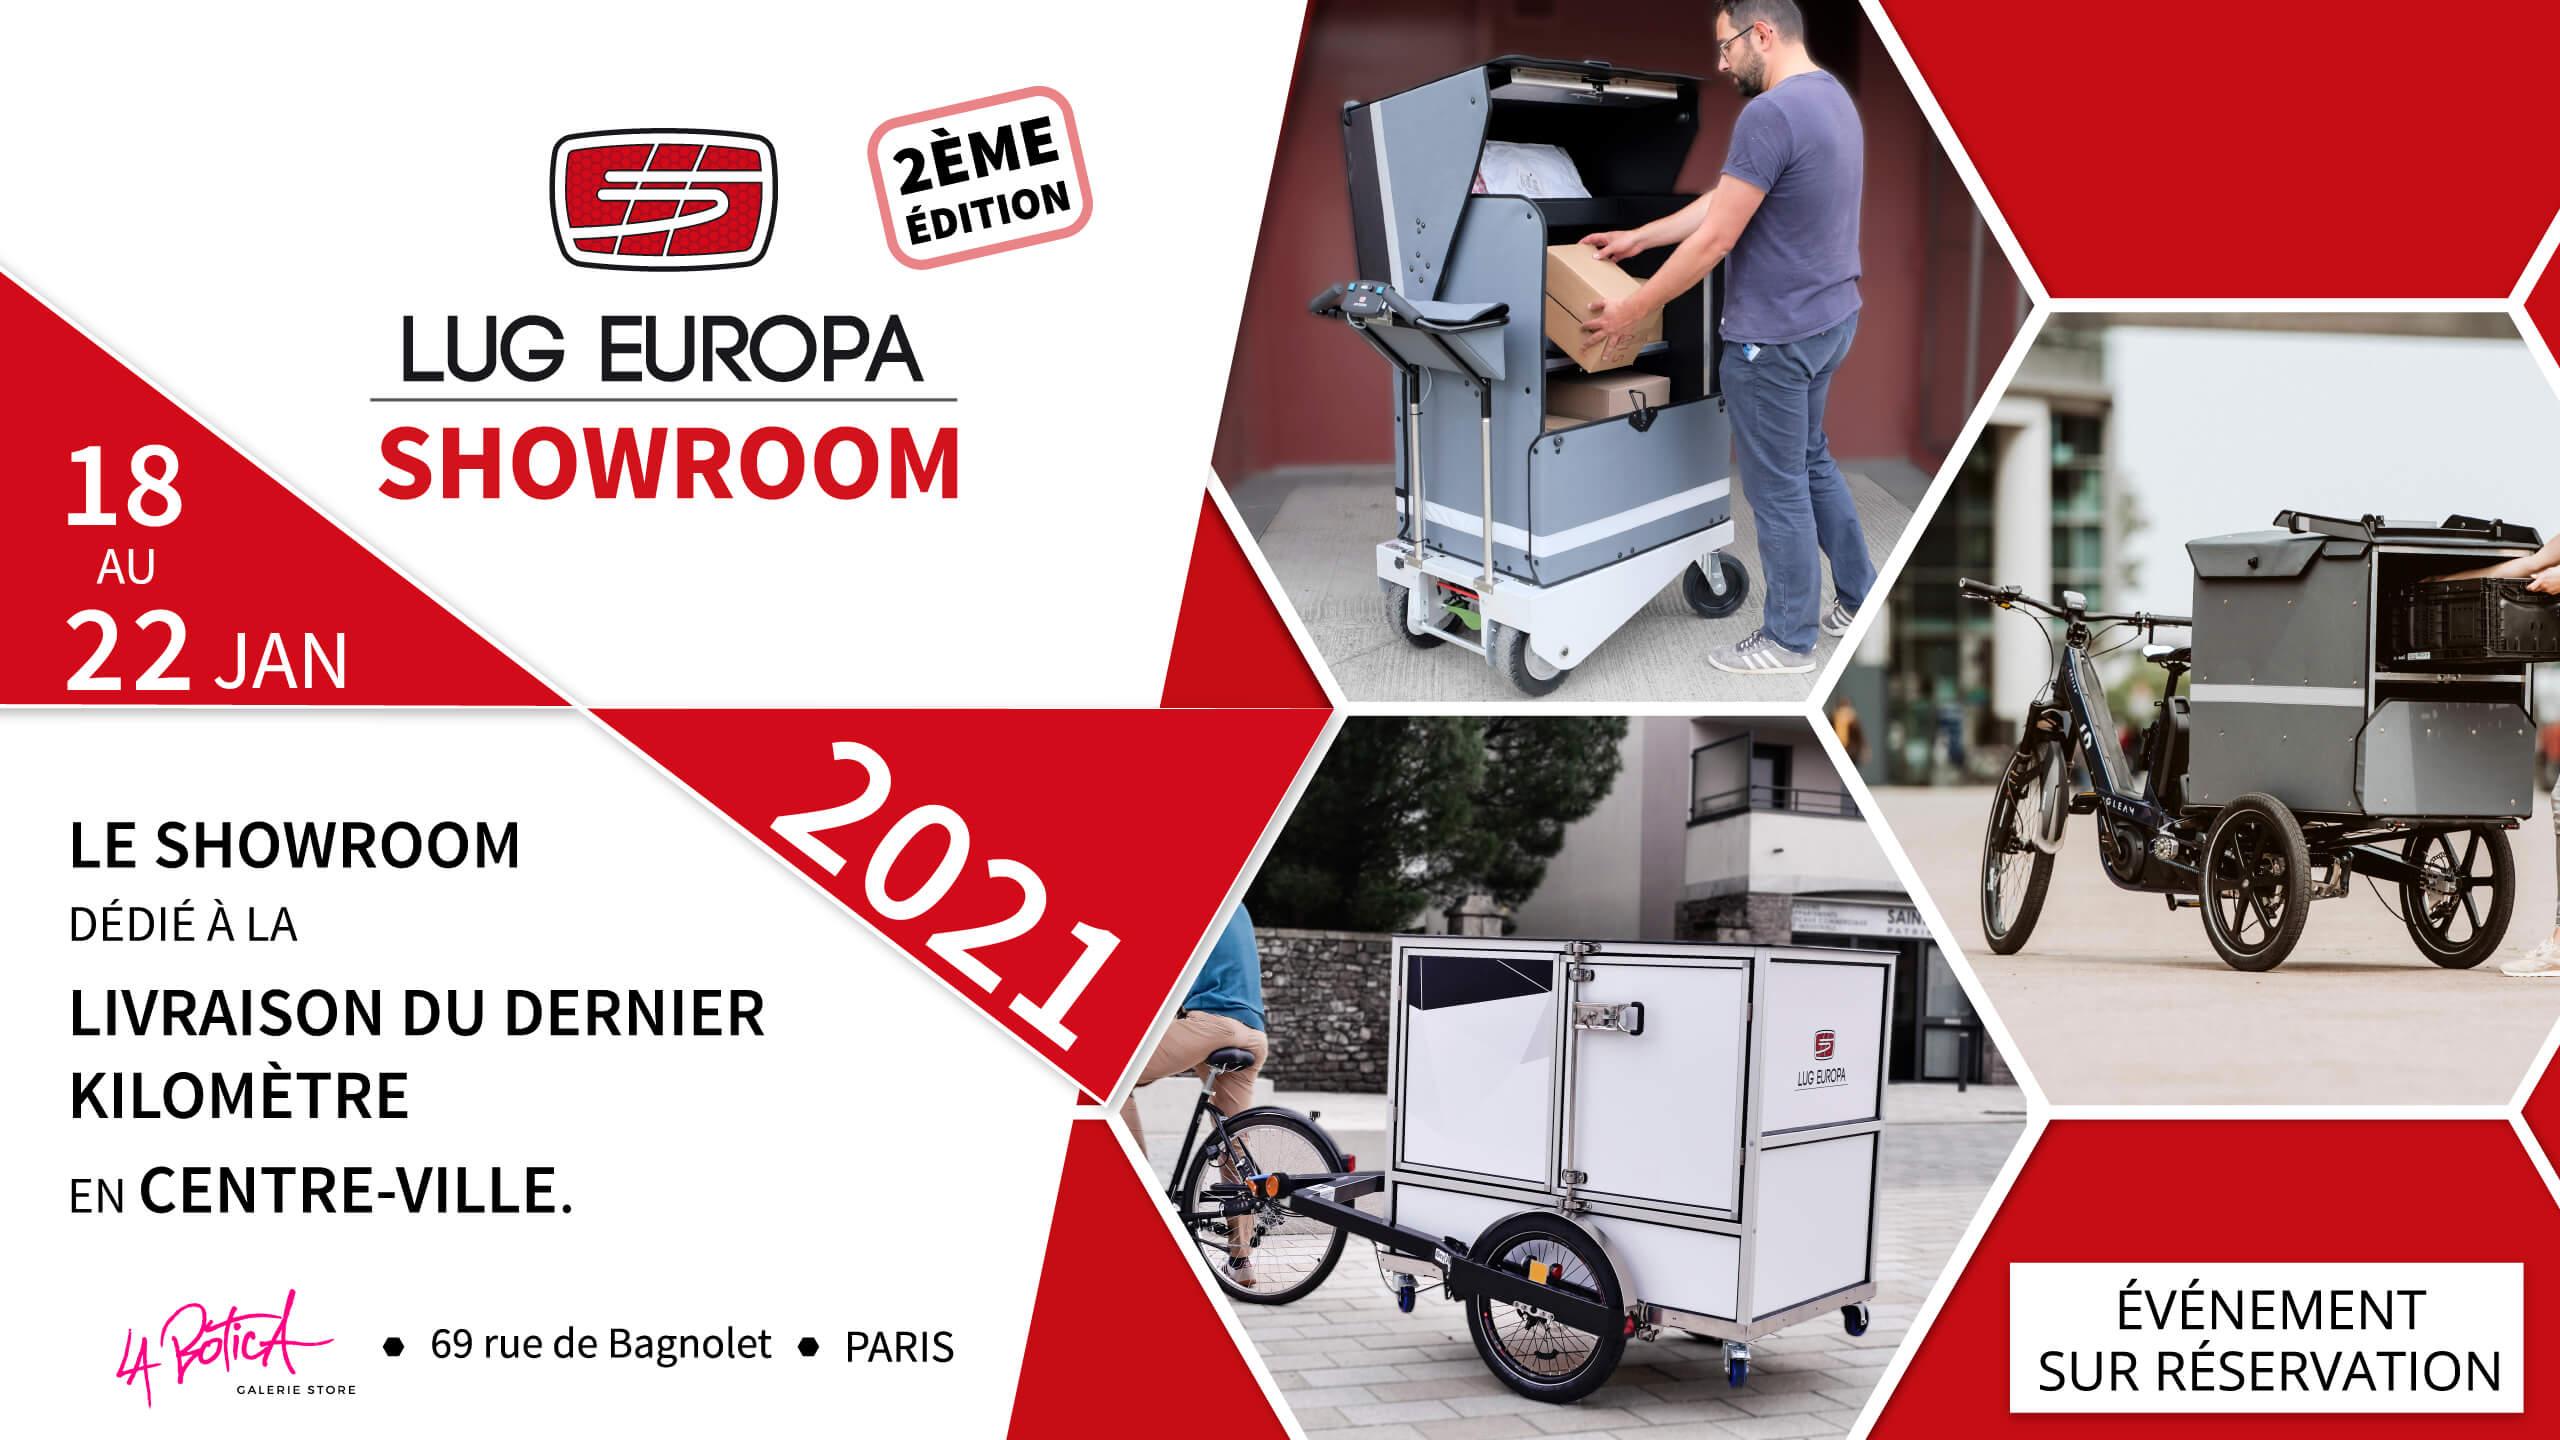 SHowroom LUG EUROPA à Lyon du 18 au 22 janvier 2021 à Paris